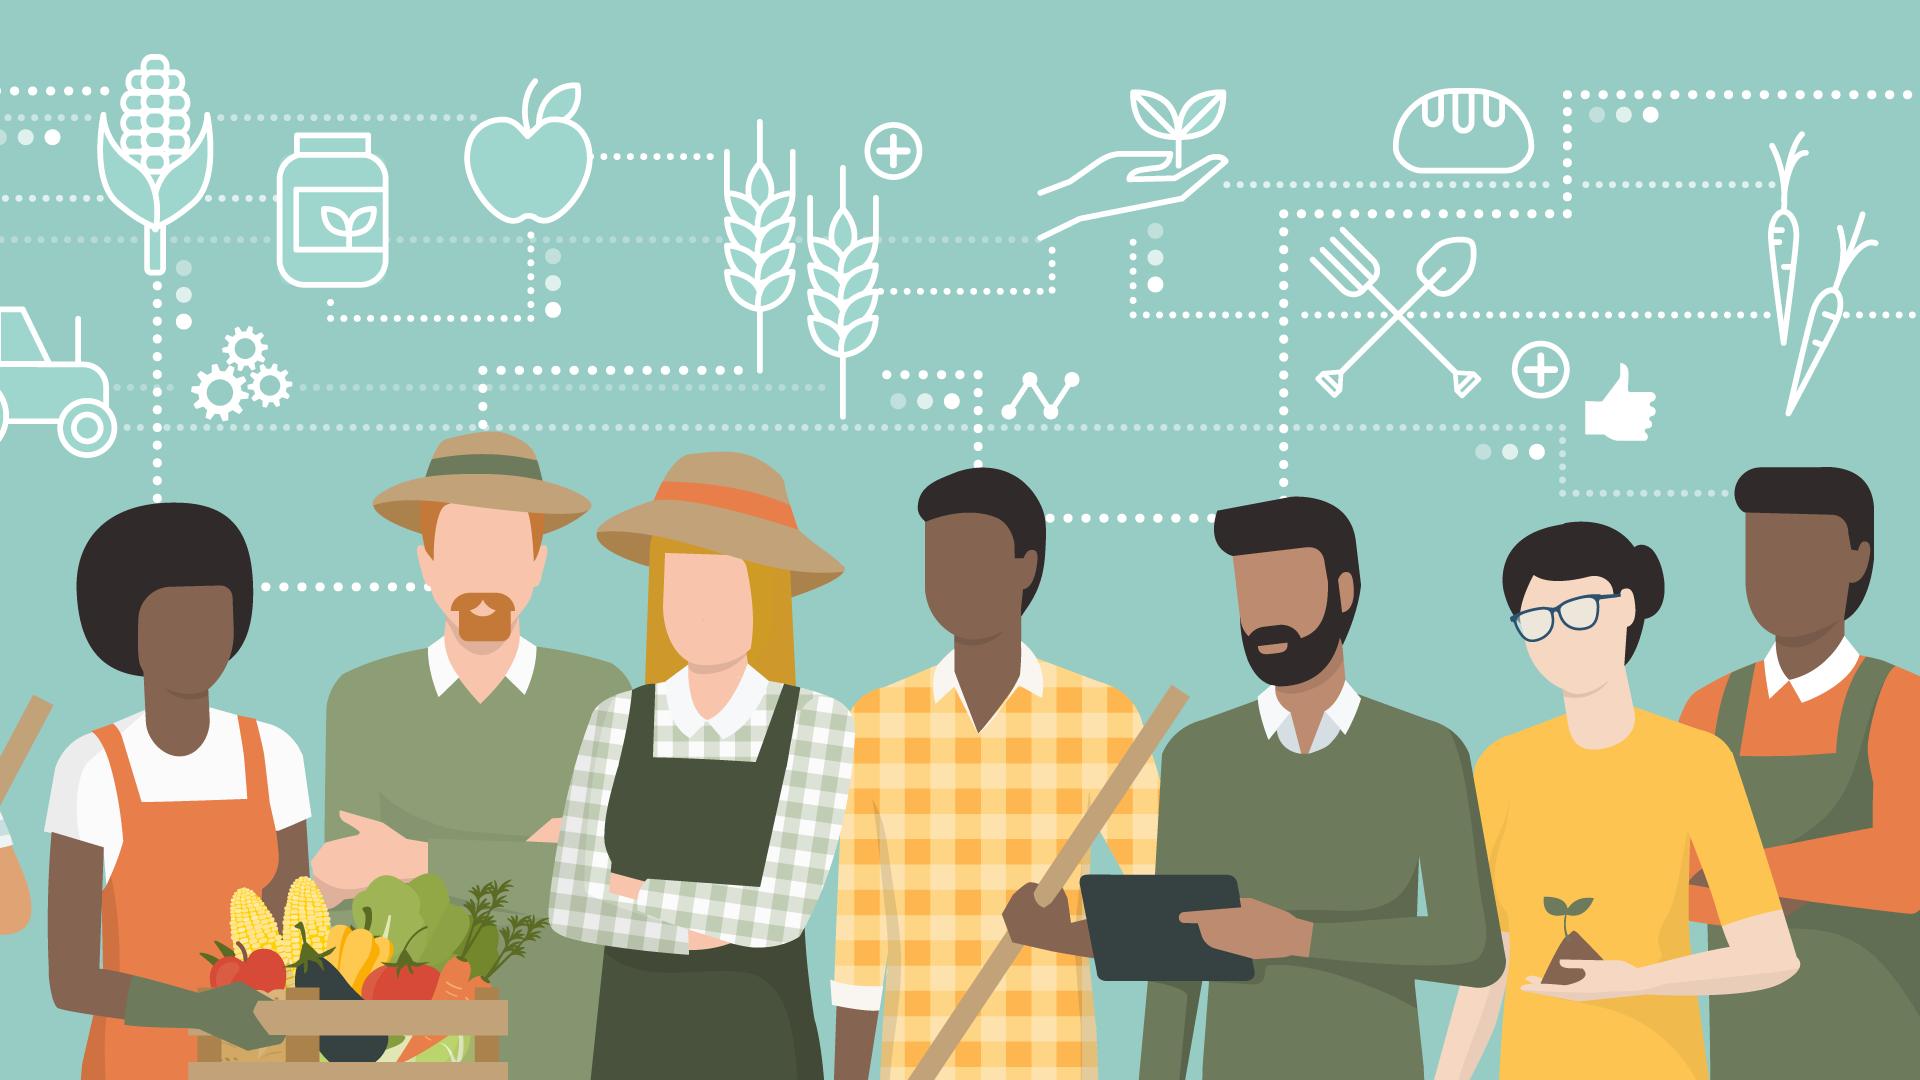 Sembrando Vida: Bienestar vs sostenibilidad